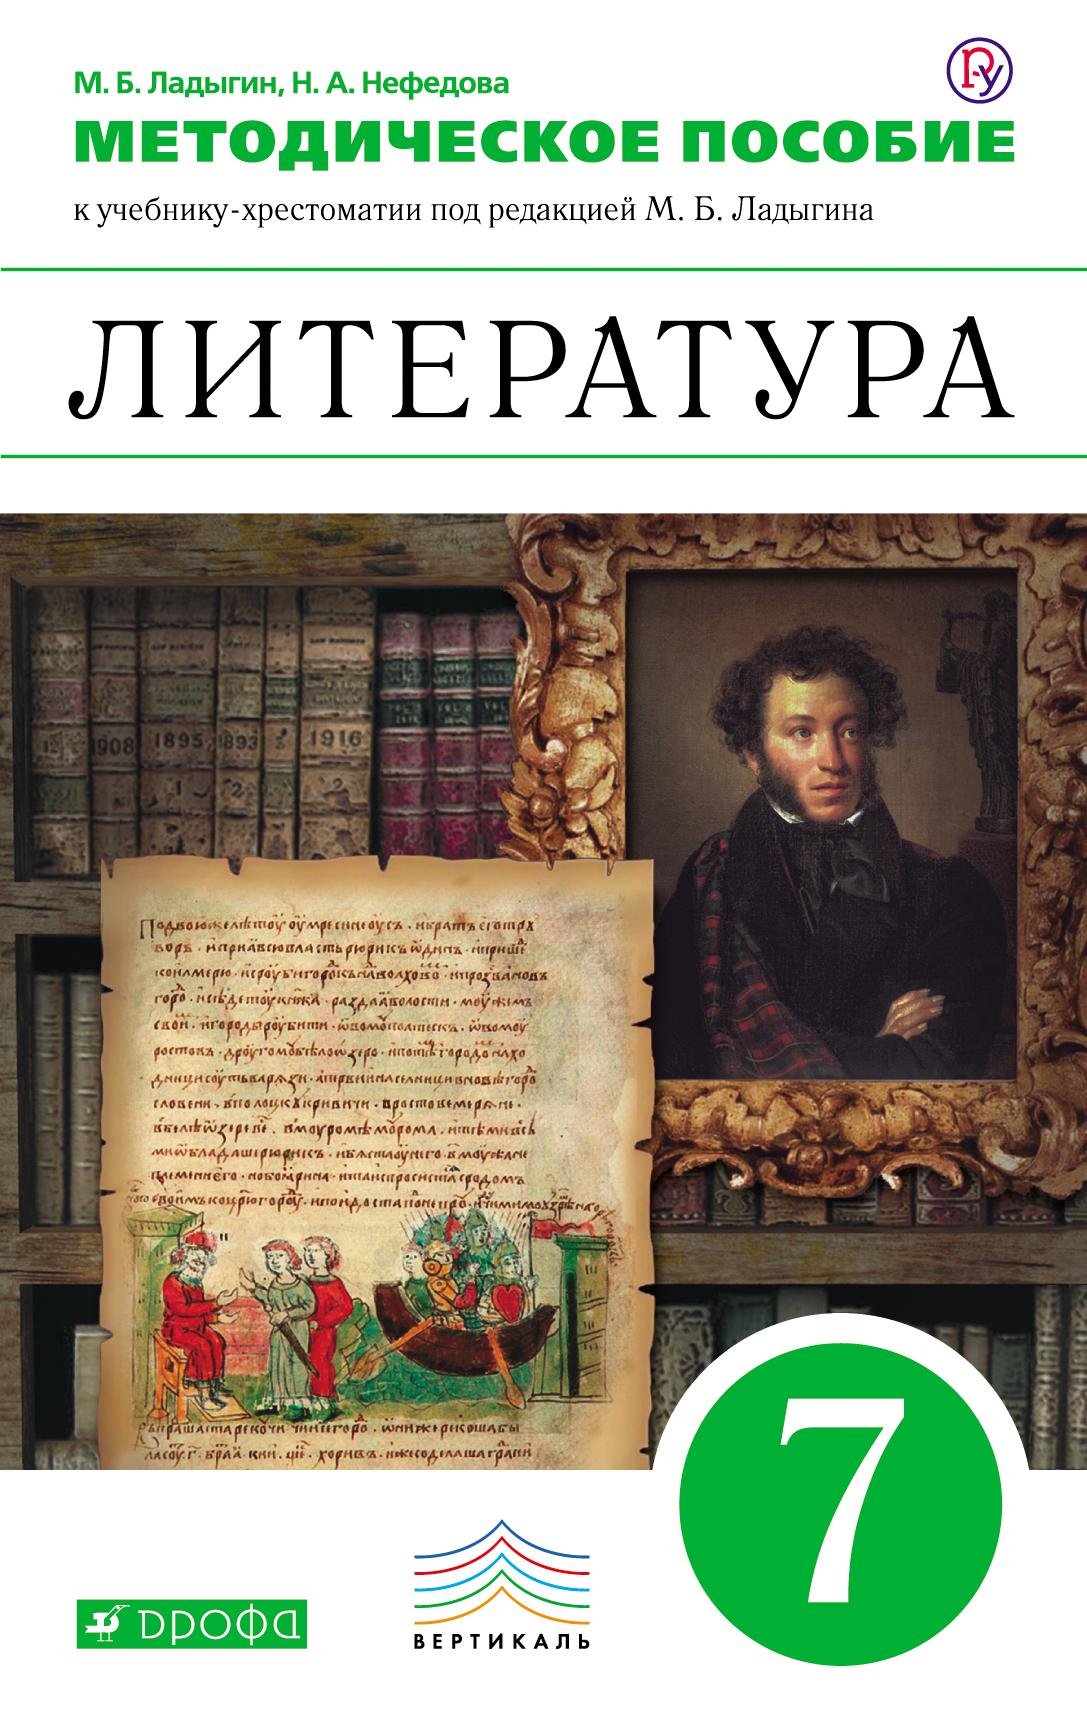 Ладыгин М.Б., Нефедова Н.А. Литература. Углубленное изучение. 7 класс. Методическое пособие цена